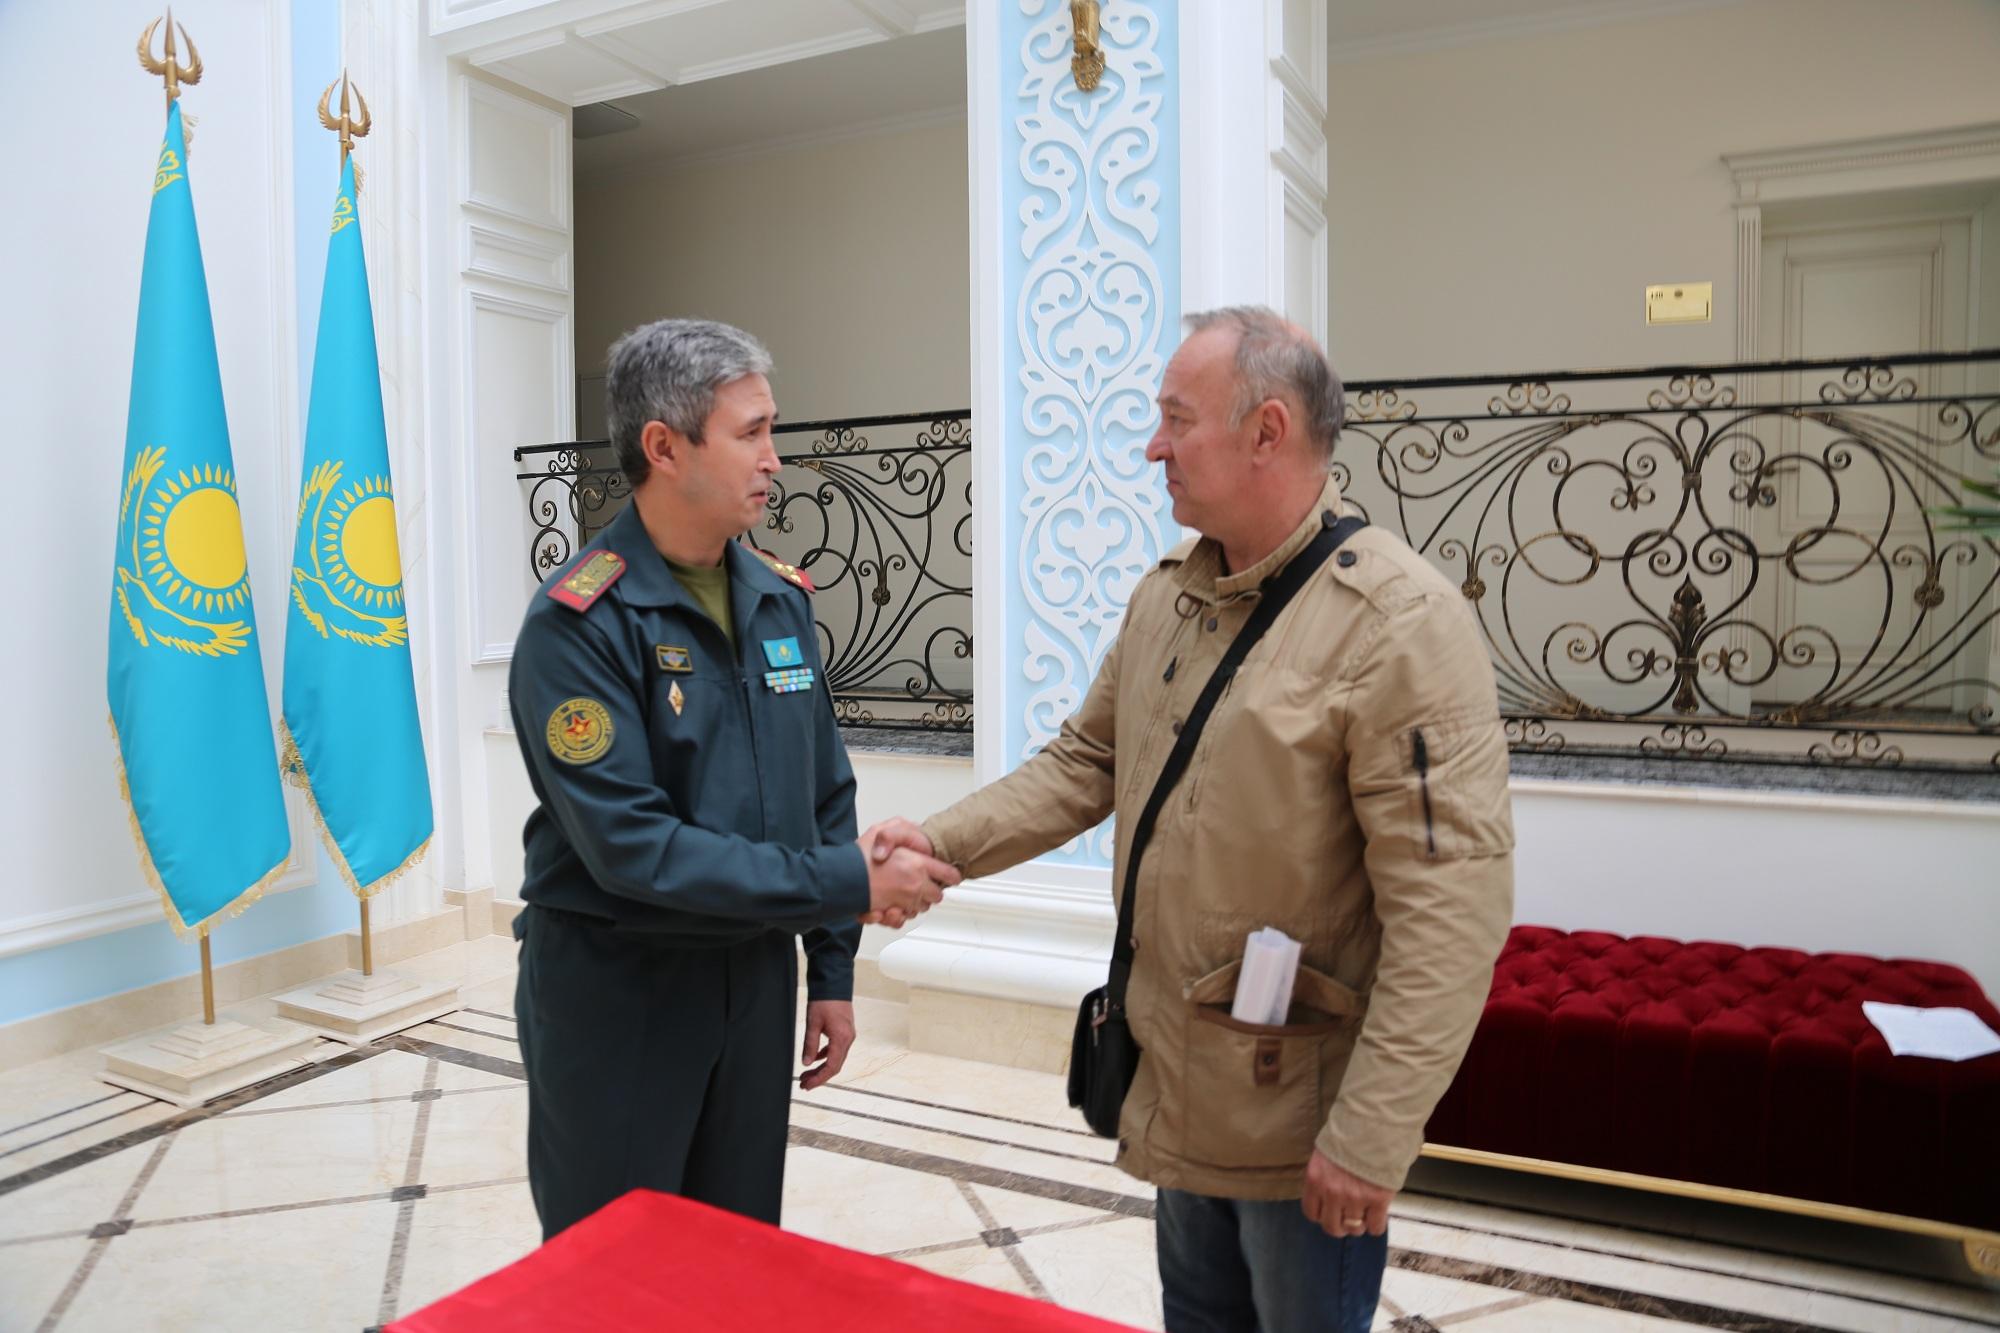 Останки погибших в годы войны казахстанцев похоронят на Родине